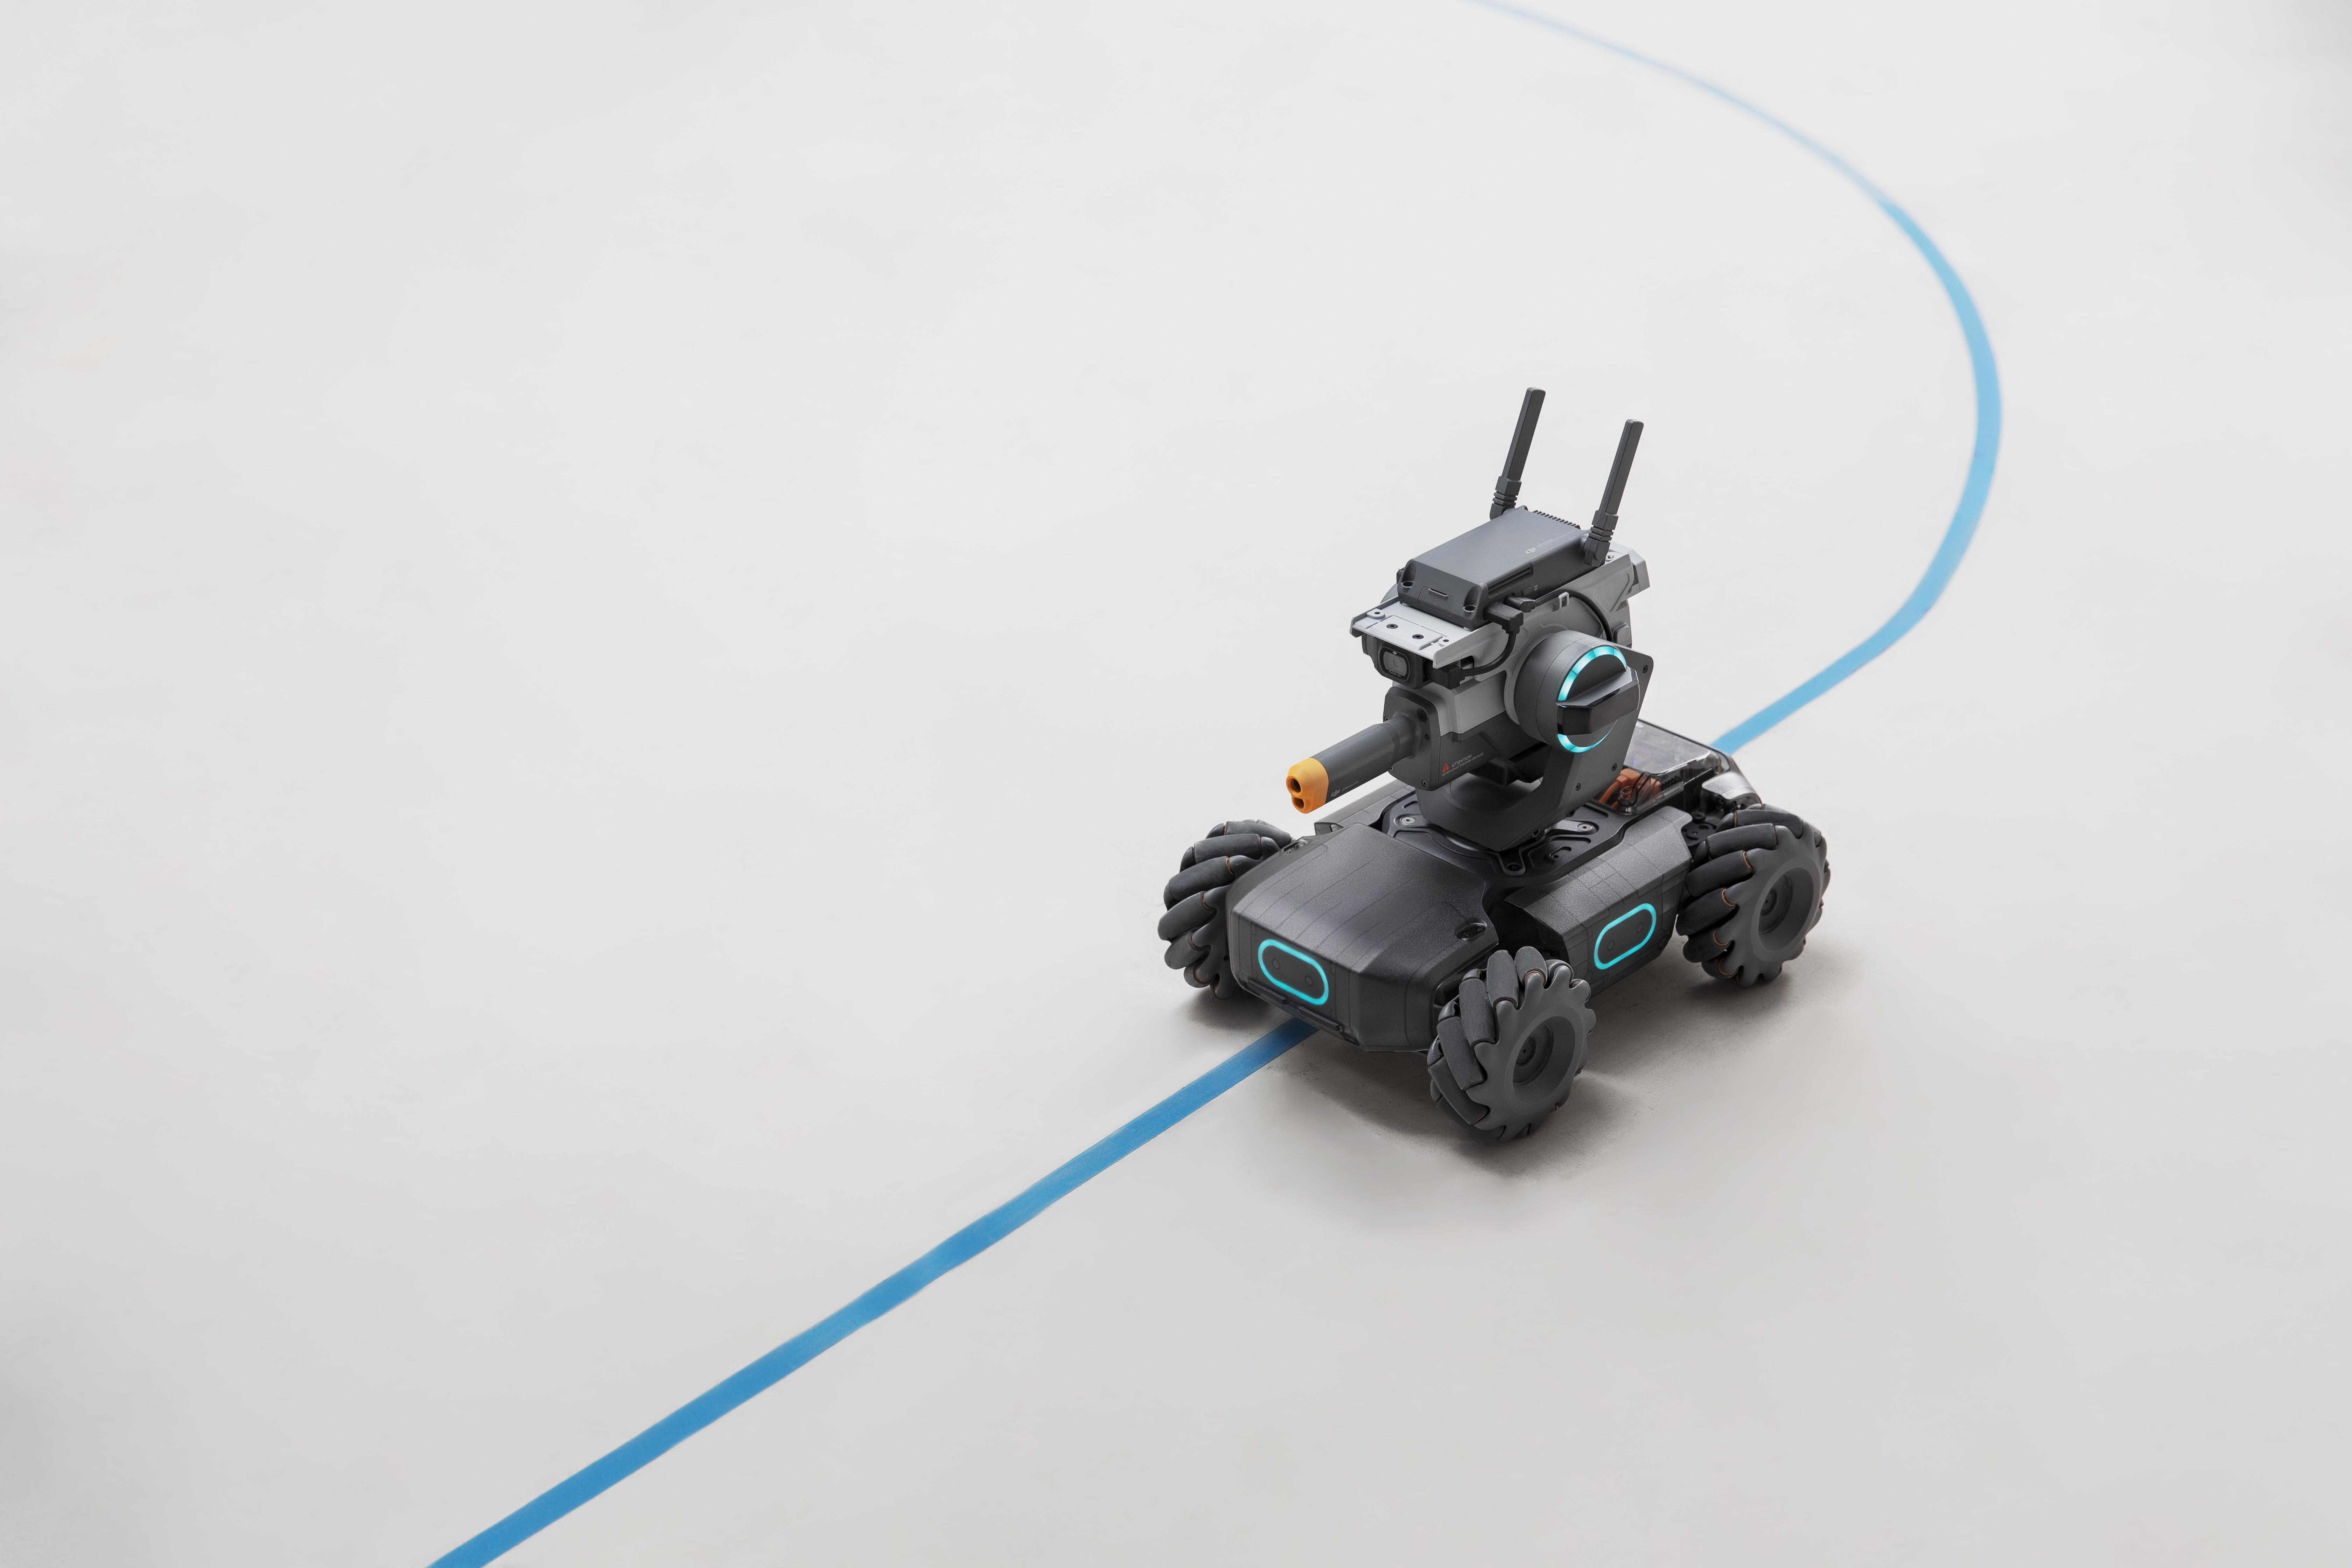 RoboMaster S1 Line Follow